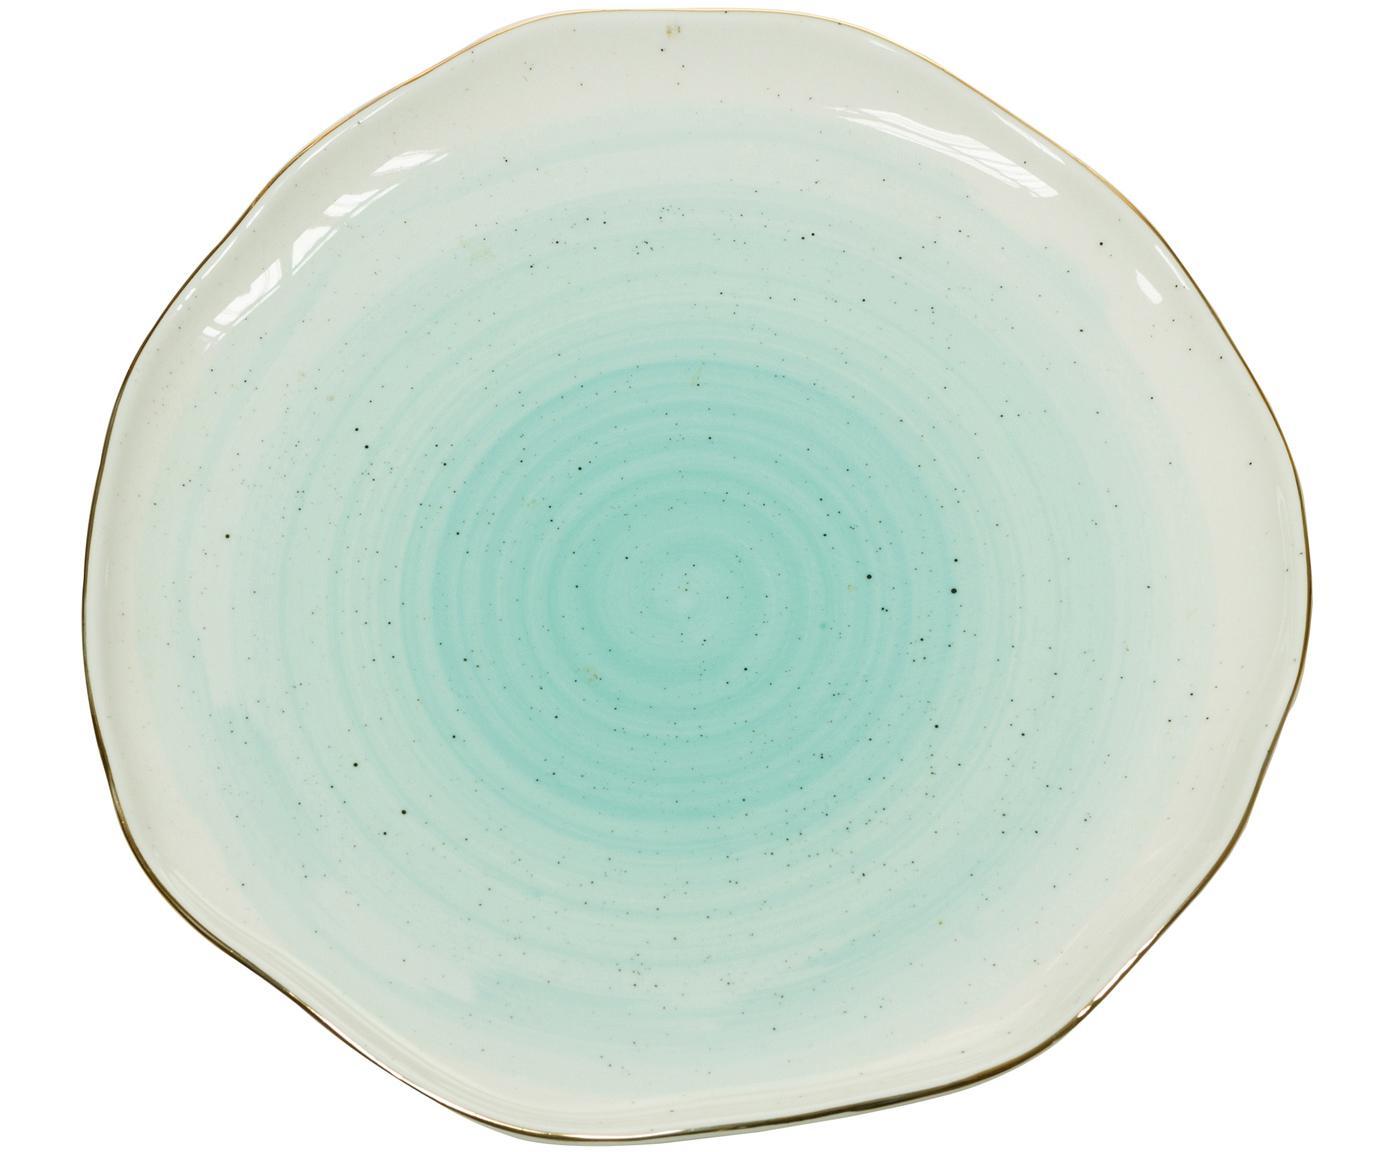 Ręcznie wykonany talerz duży Bol, 2 szt., Porcelana, Turkusowoniebieski, Ø 26 x W 3 cm